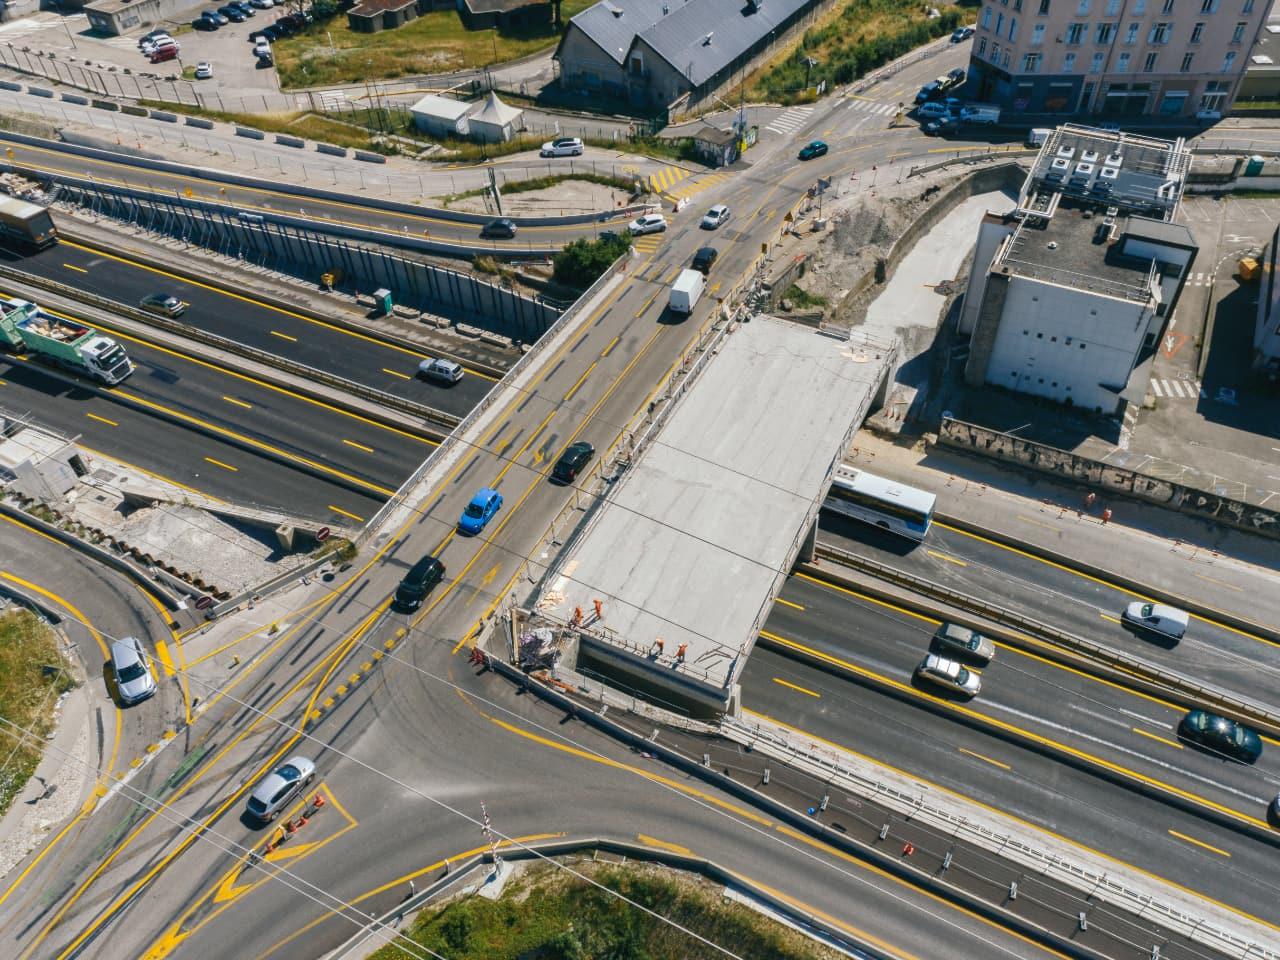 Travaux au diffuseur de Vercors (n°2) sur l(autoroute A480 à Grenoble